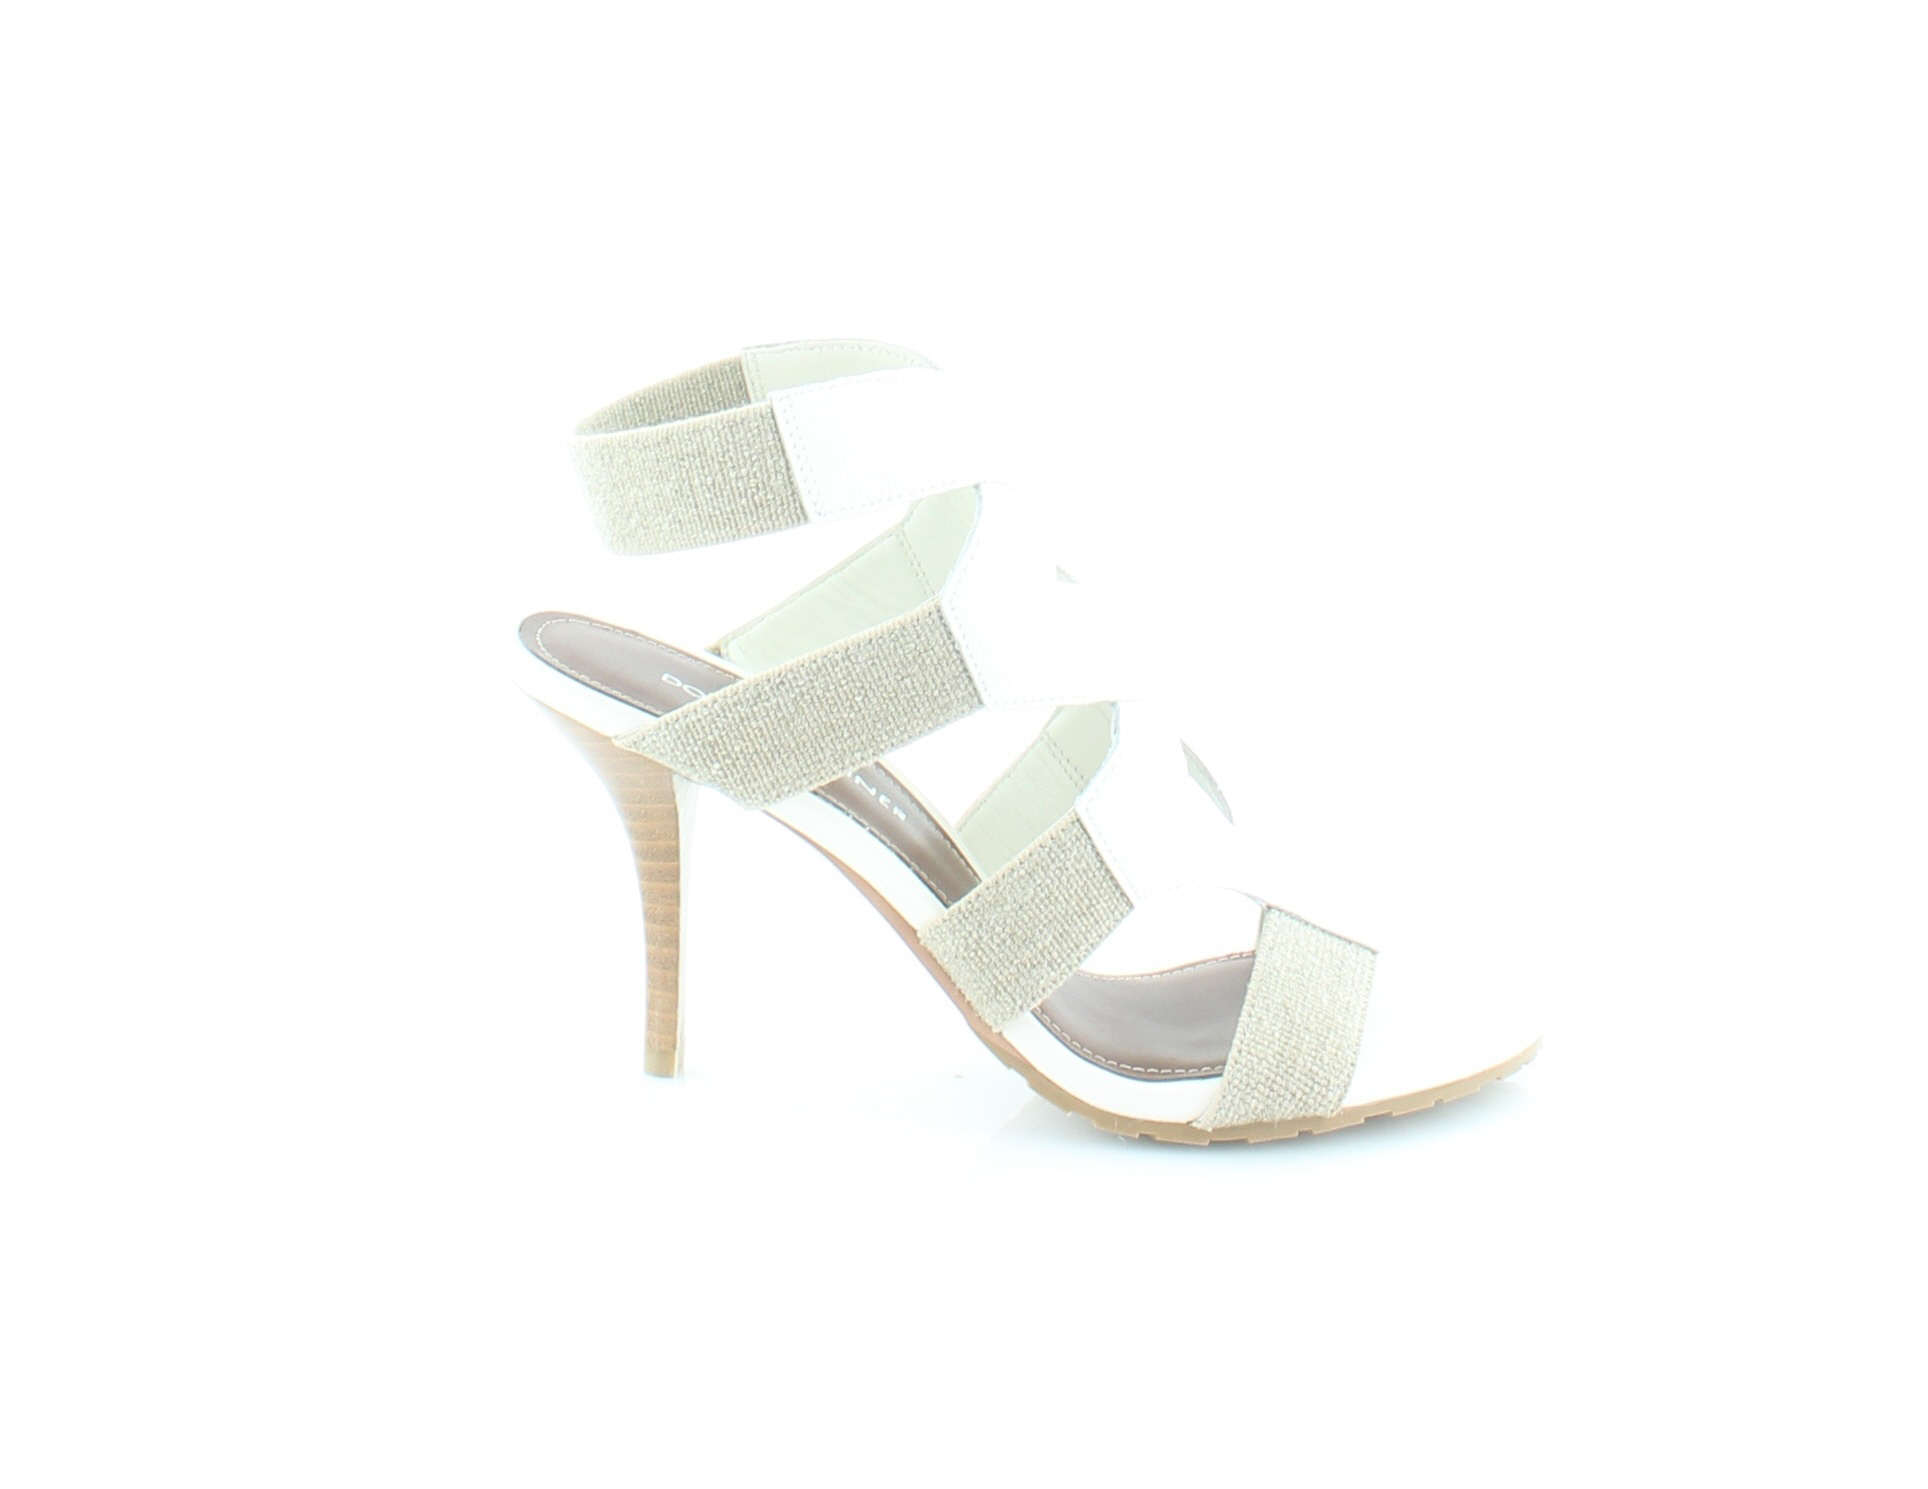 Donald J Pliner Gwen White Womens shoes Size 7.5 M Sandals MSRP  228